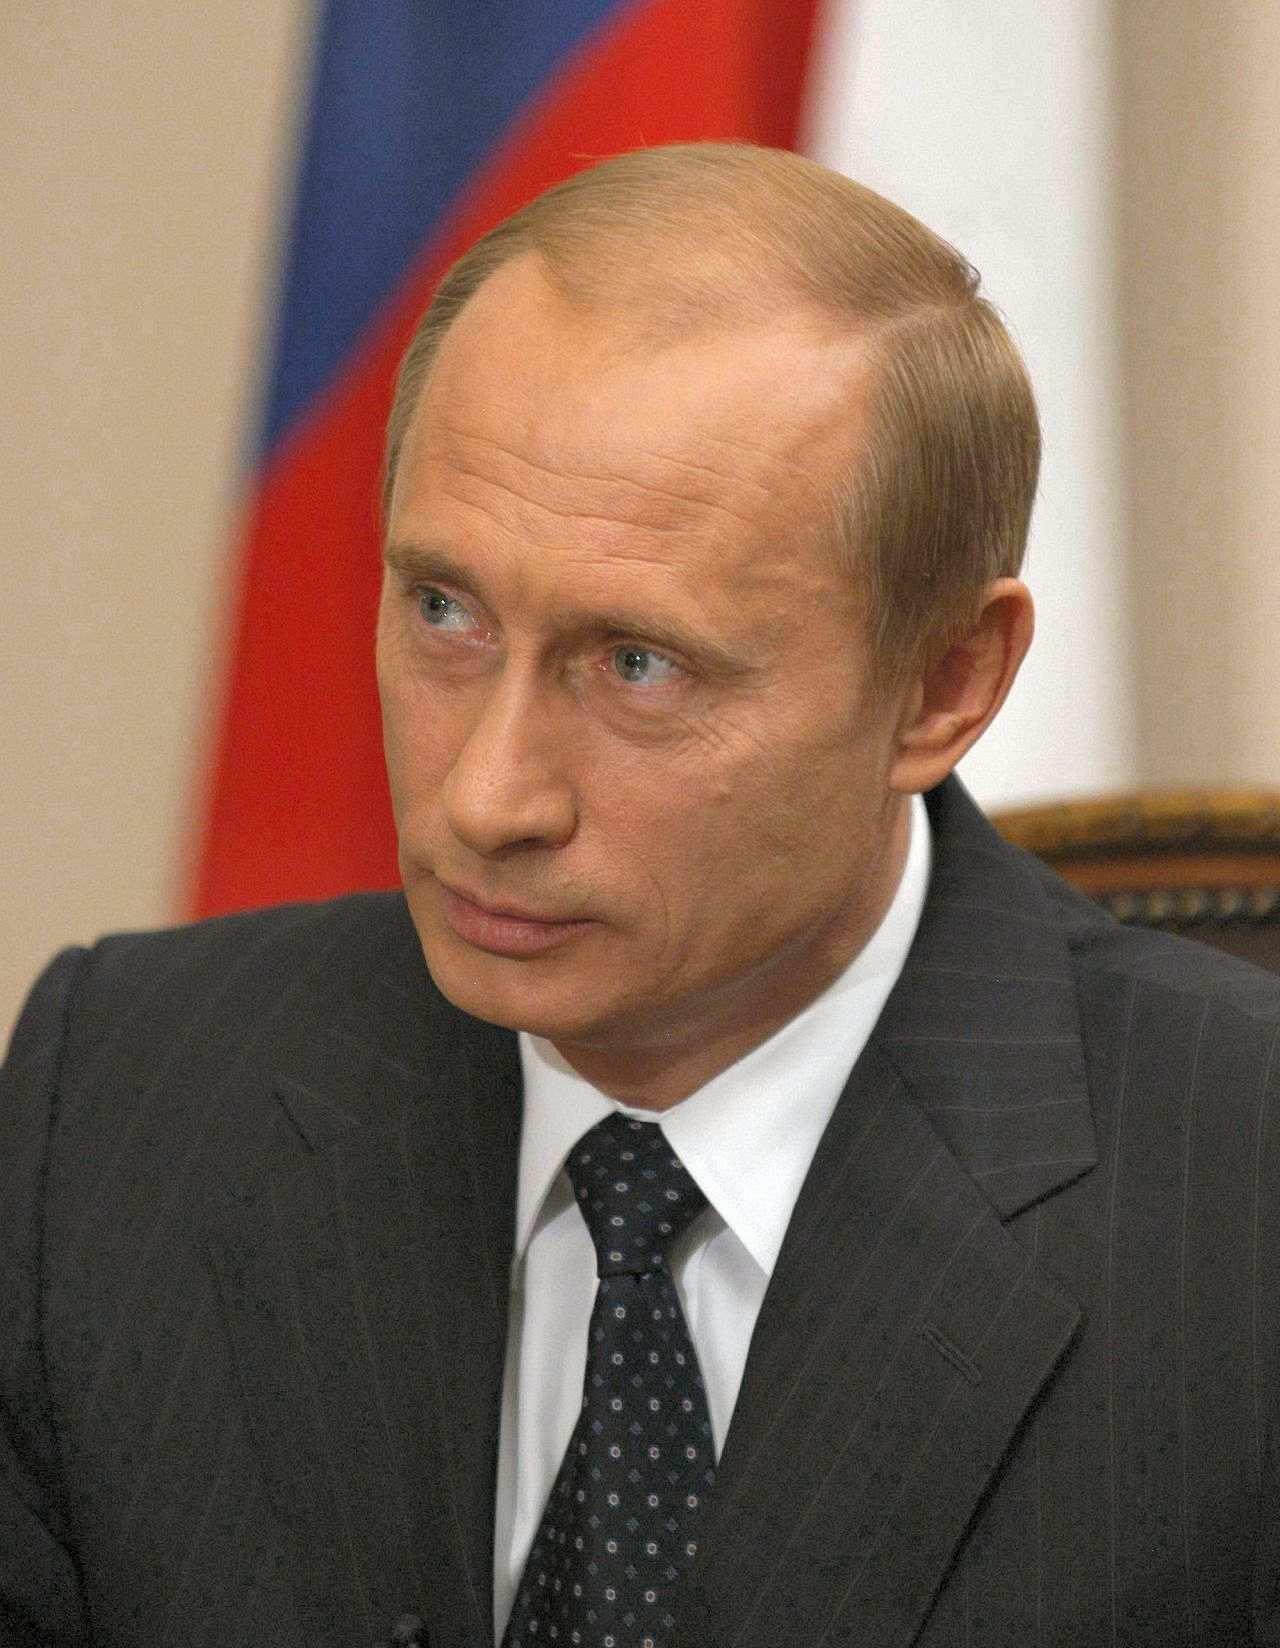 offizielles portrtfoto von wladimir putin prsident der russischen fderation 2000 2008 und seit - Putin Lebenslauf